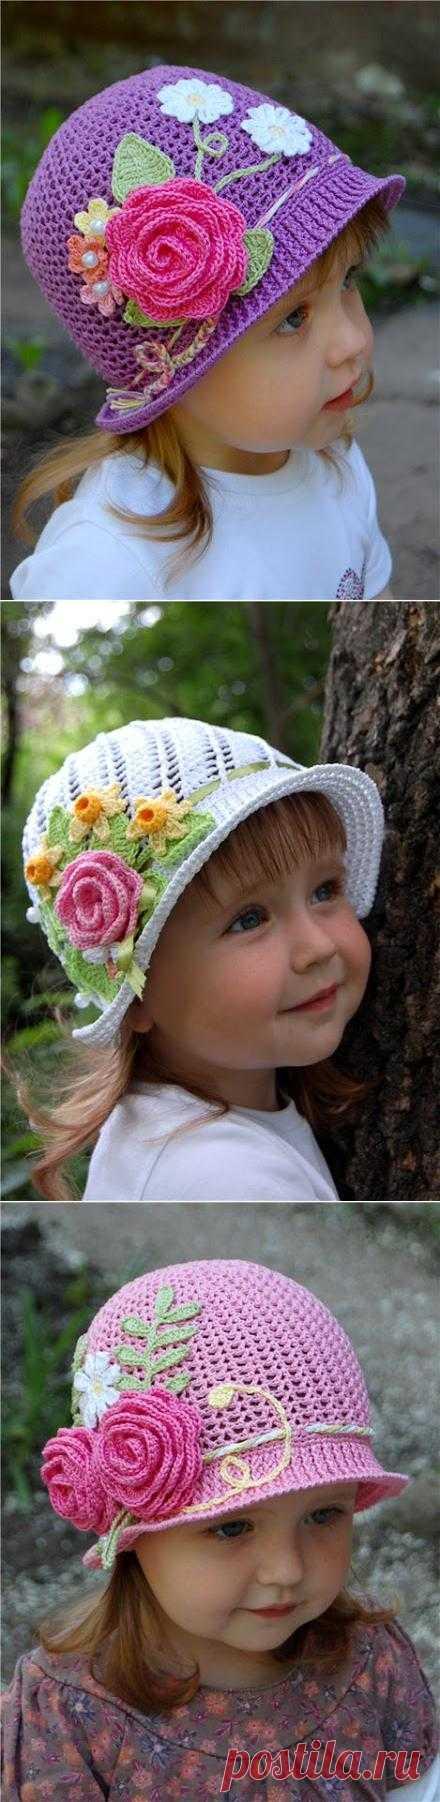 Вяжем чудесные летние шляпки-панамки для девочек. Комментарии